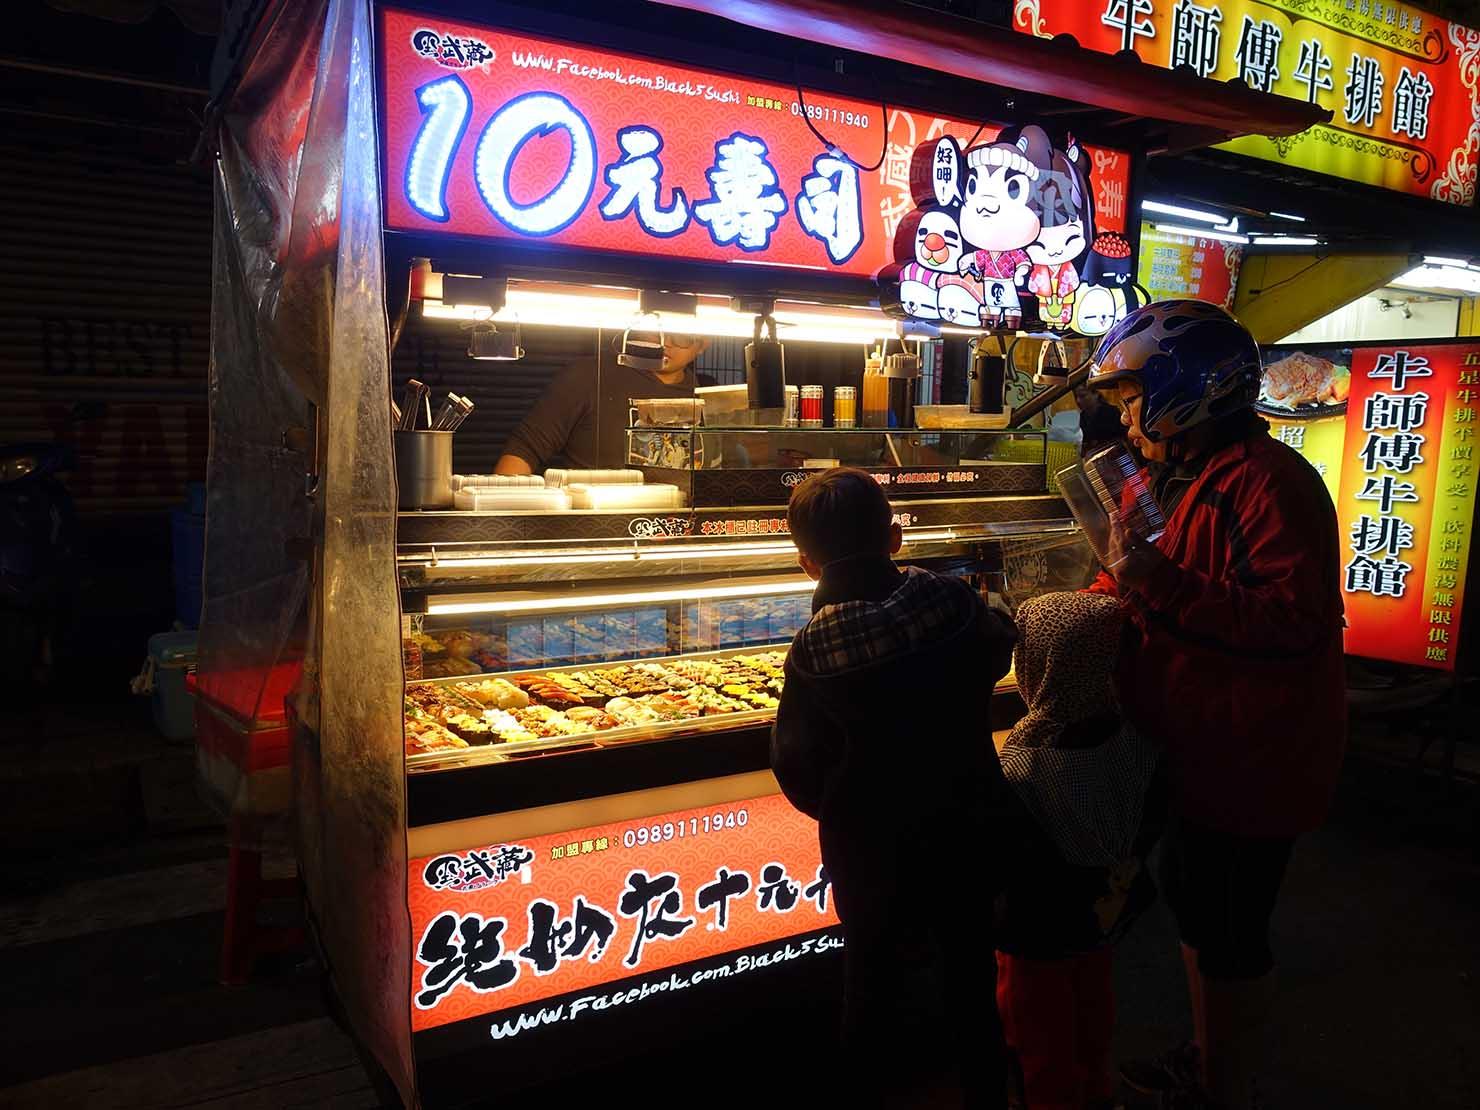 台湾の夜市で食べられる日本グルメ「10元寿司」の屋台